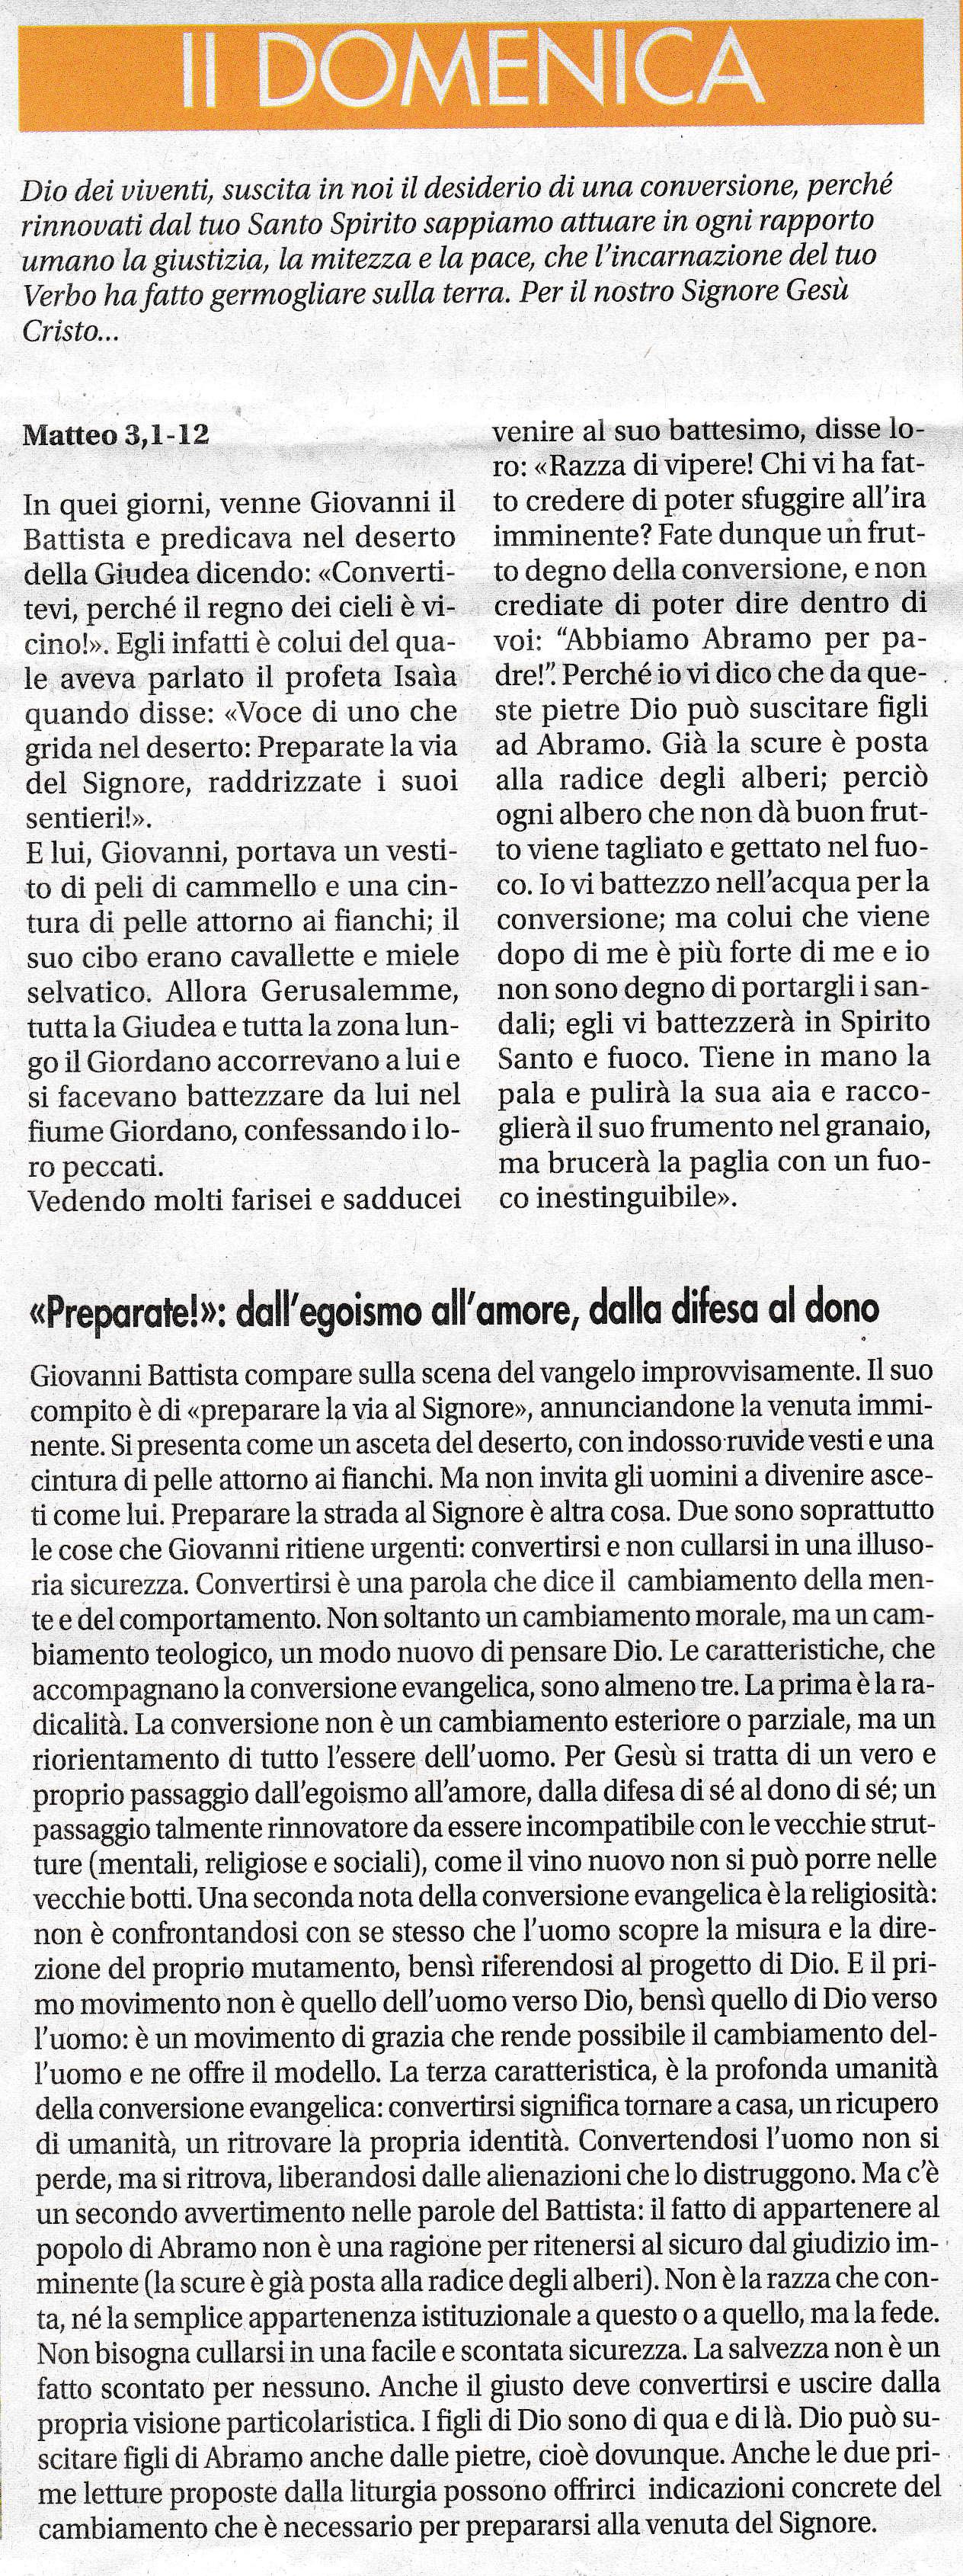 II DOMENICA di Avvento - sussidio a cura di mons. Enrico Solmi, Vescovo di Parma